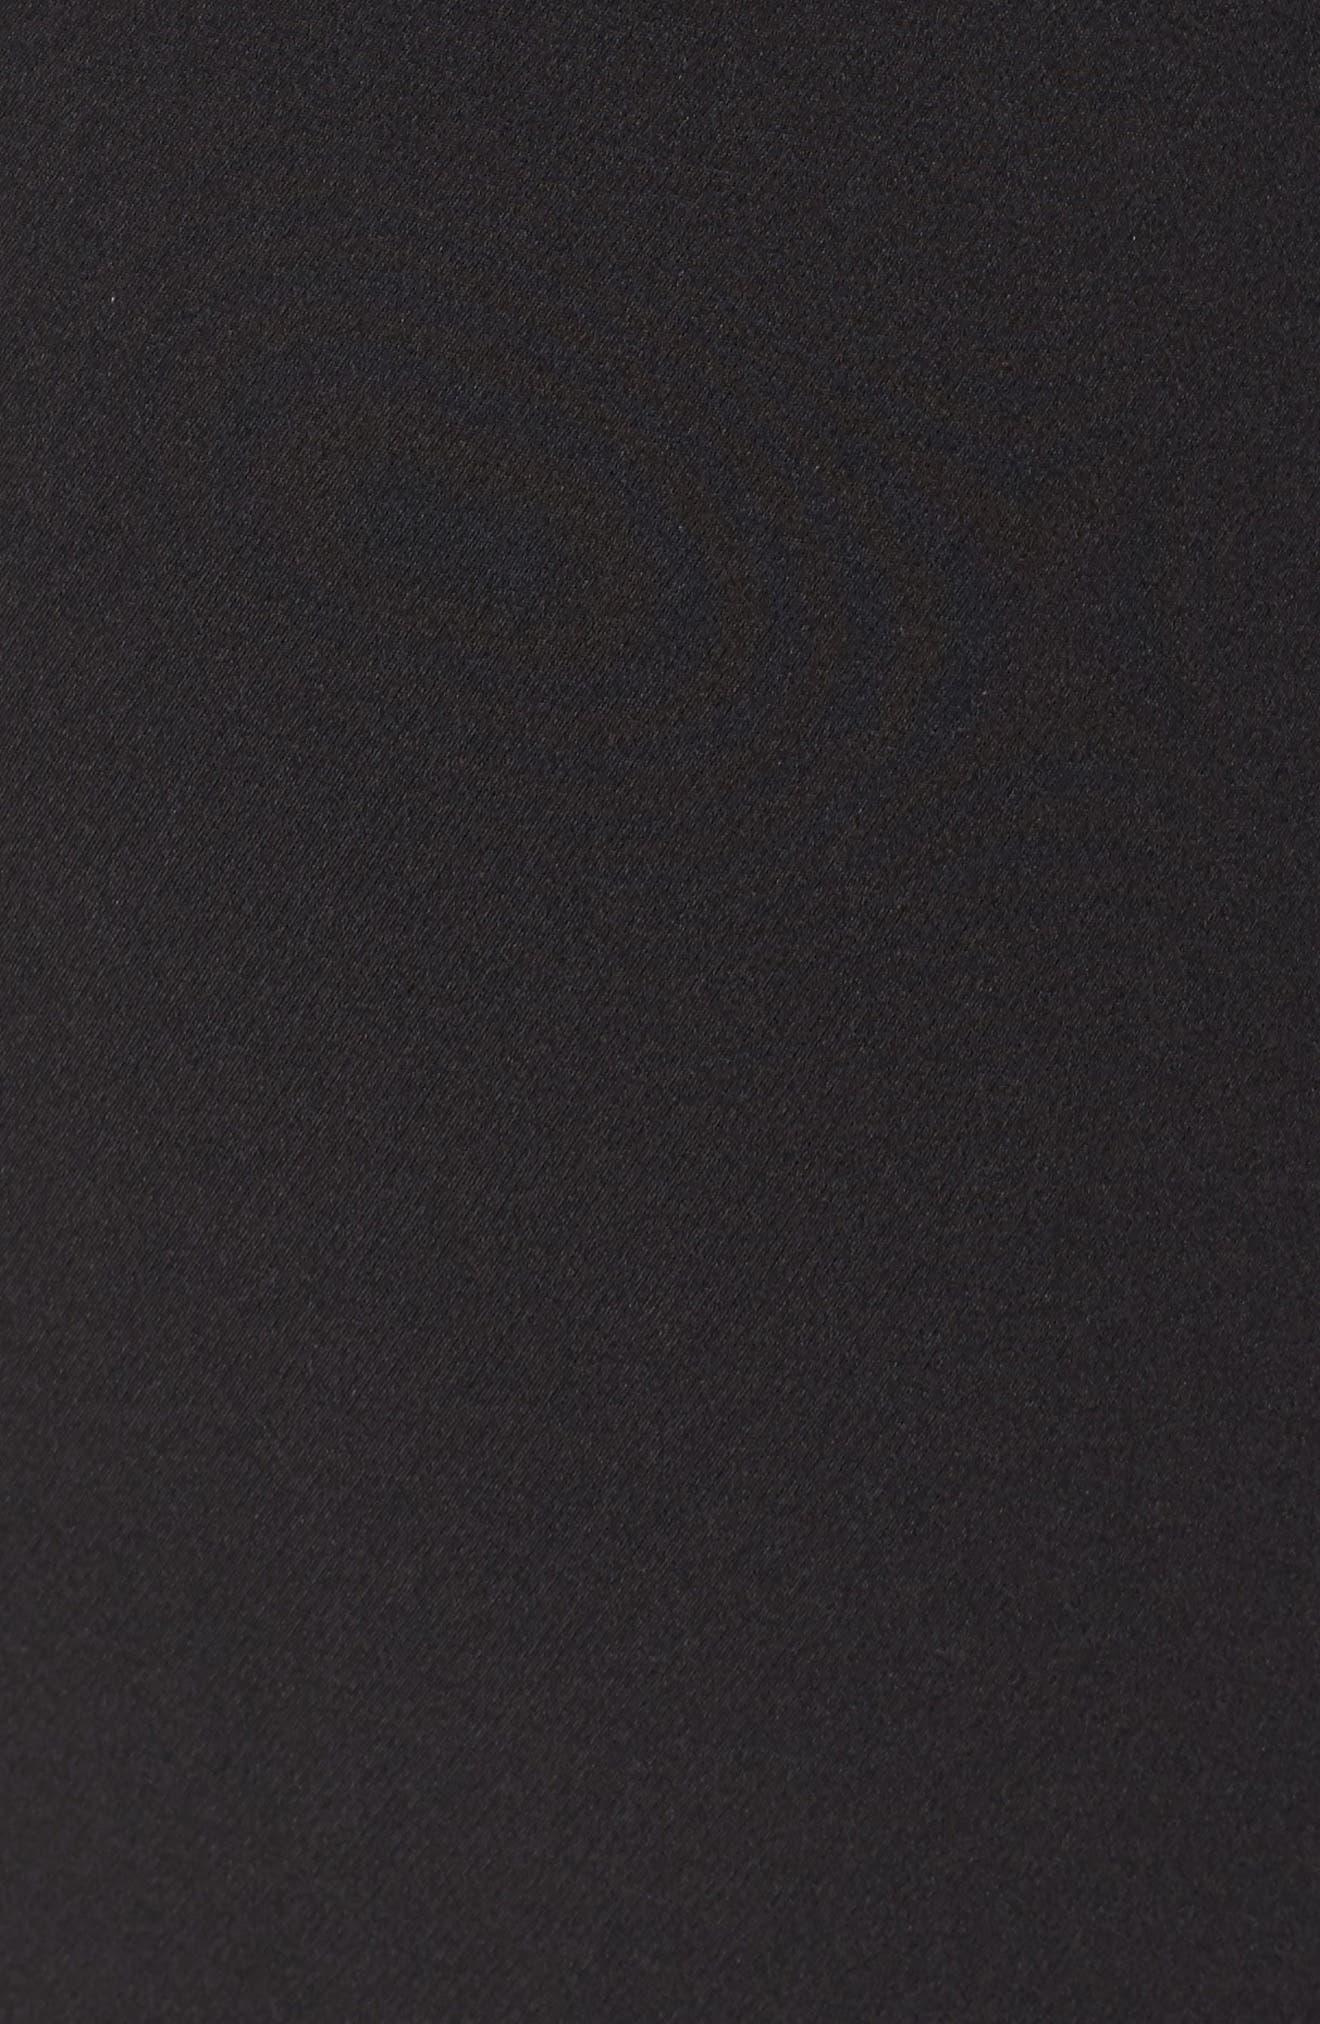 VINCE CAMUTO, Ankle Pants, Alternate thumbnail 6, color, RICH BLACK